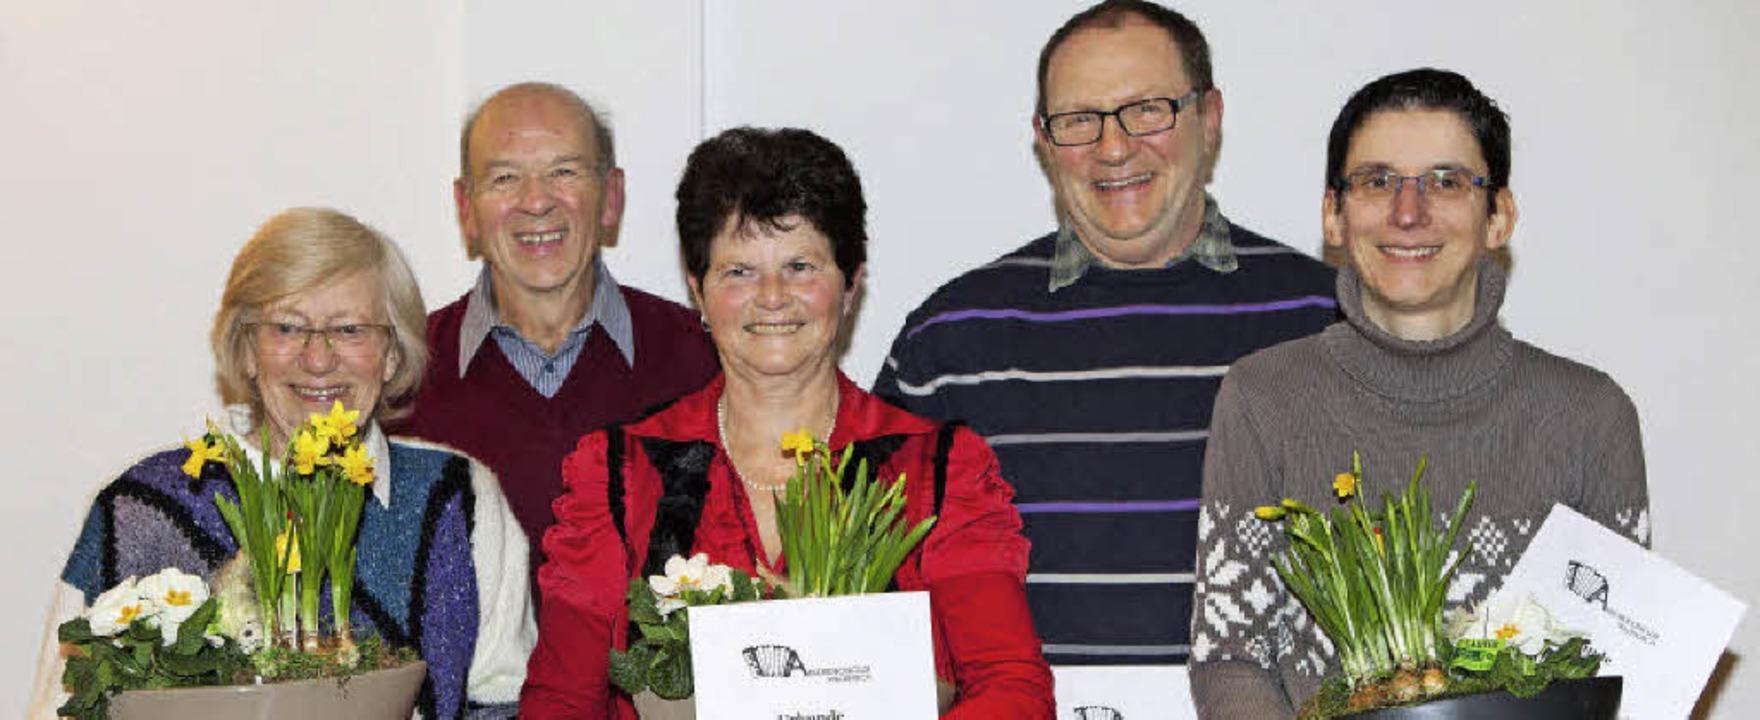 Gerhard Adolph (Zweiter links) gab das...ngwald und für 20 Jahre Cornelia Jägle  | Foto: Photographer: Gabriele Zahn